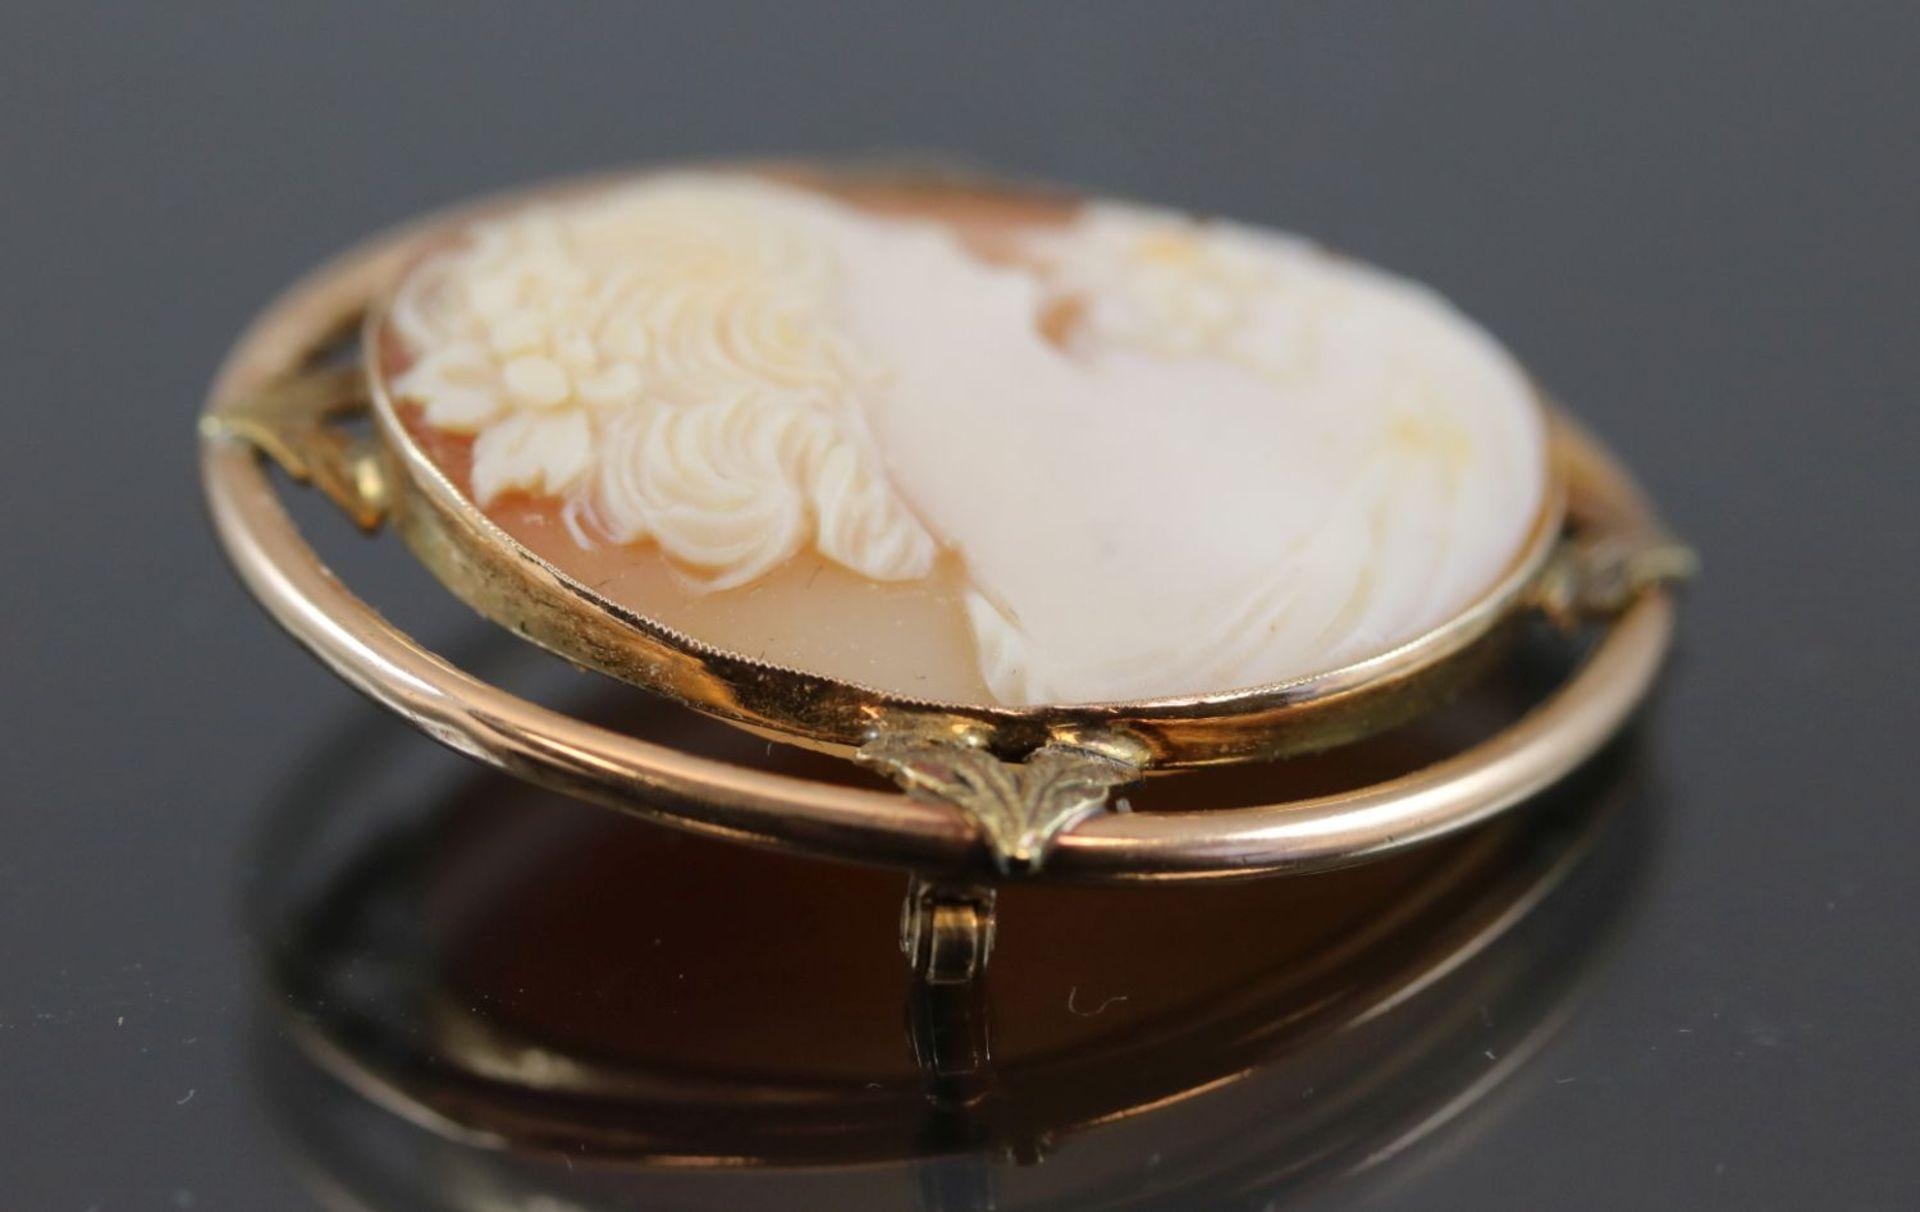 Gemme-Brosche, 375 Gold5,8 Gramm Breite: 3,1 cm, Länge: 3,6 cm - Bild 6 aus 7